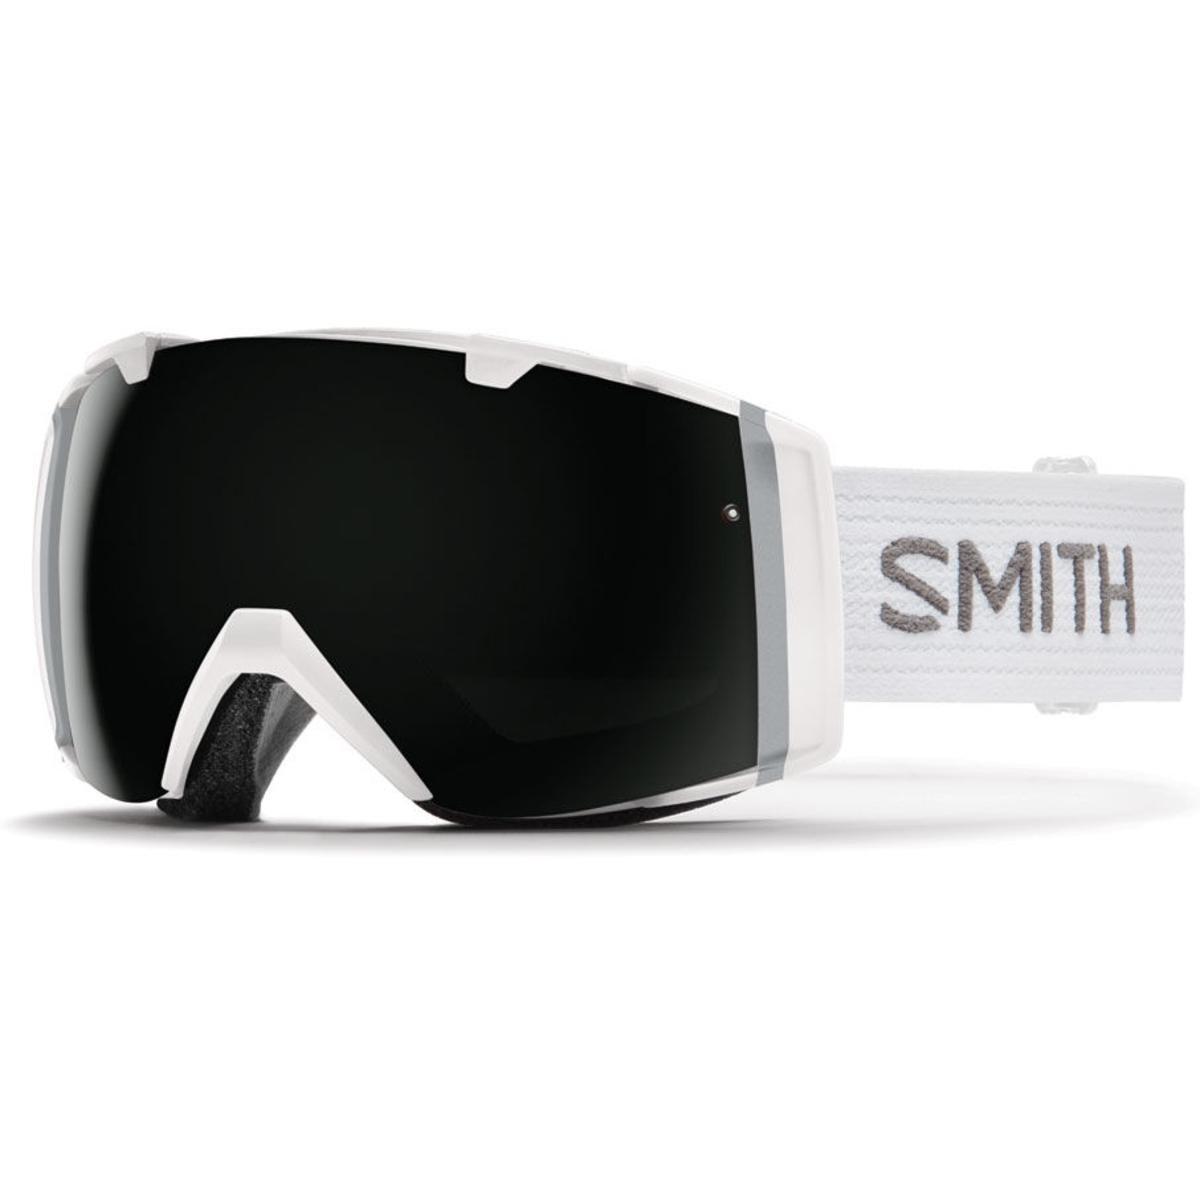 Smith Optics Mens IO Goggles, White/Blackout Yellow Sensor Mirror - OS